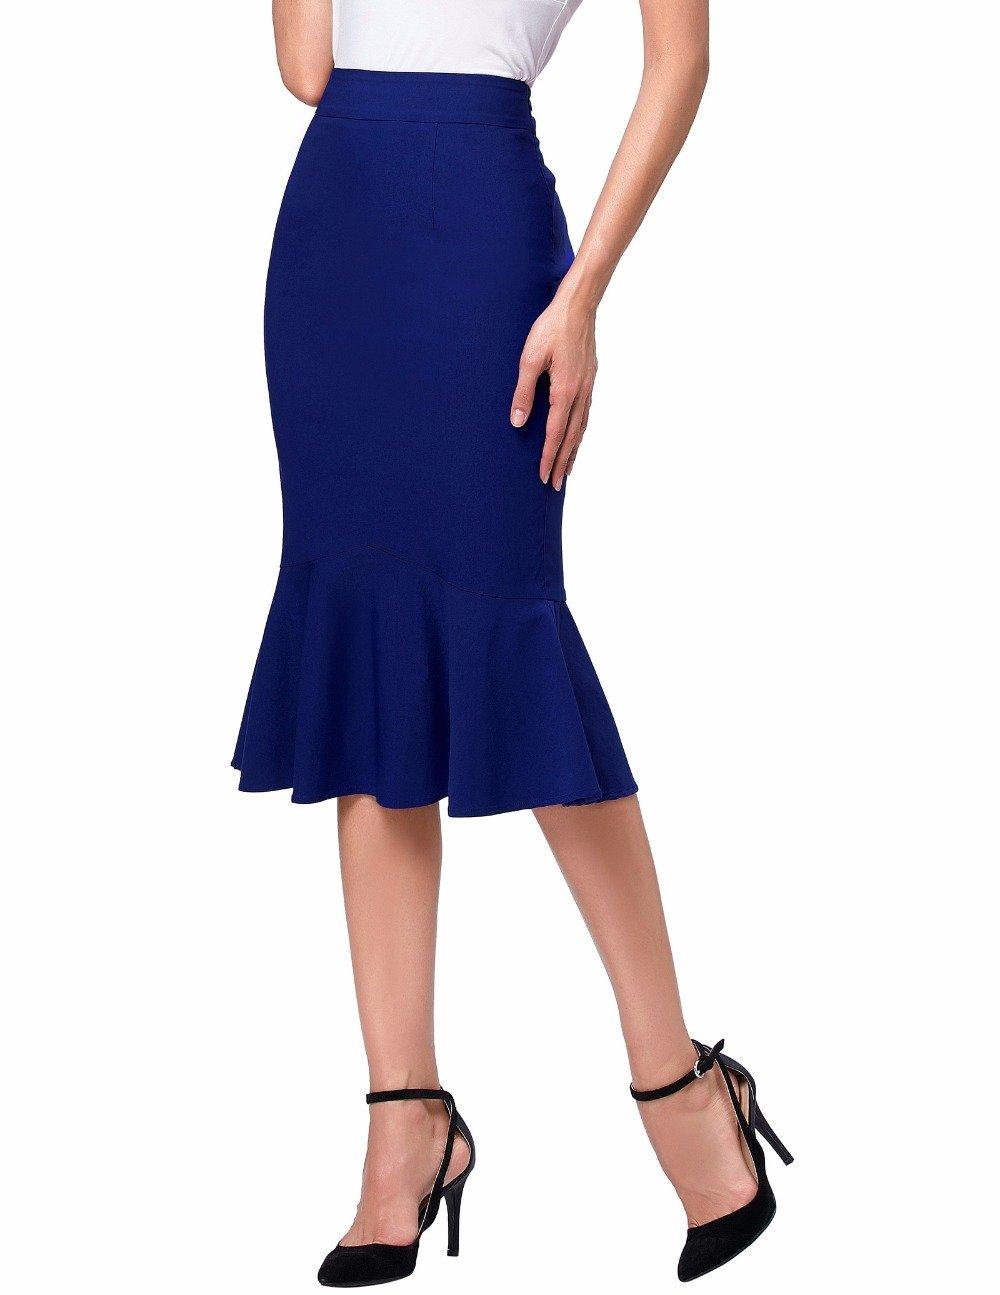 832cd4fc4135 Elegant Slim Fit Mermaid Office Skirt | Fashion | Skirt fashion ...